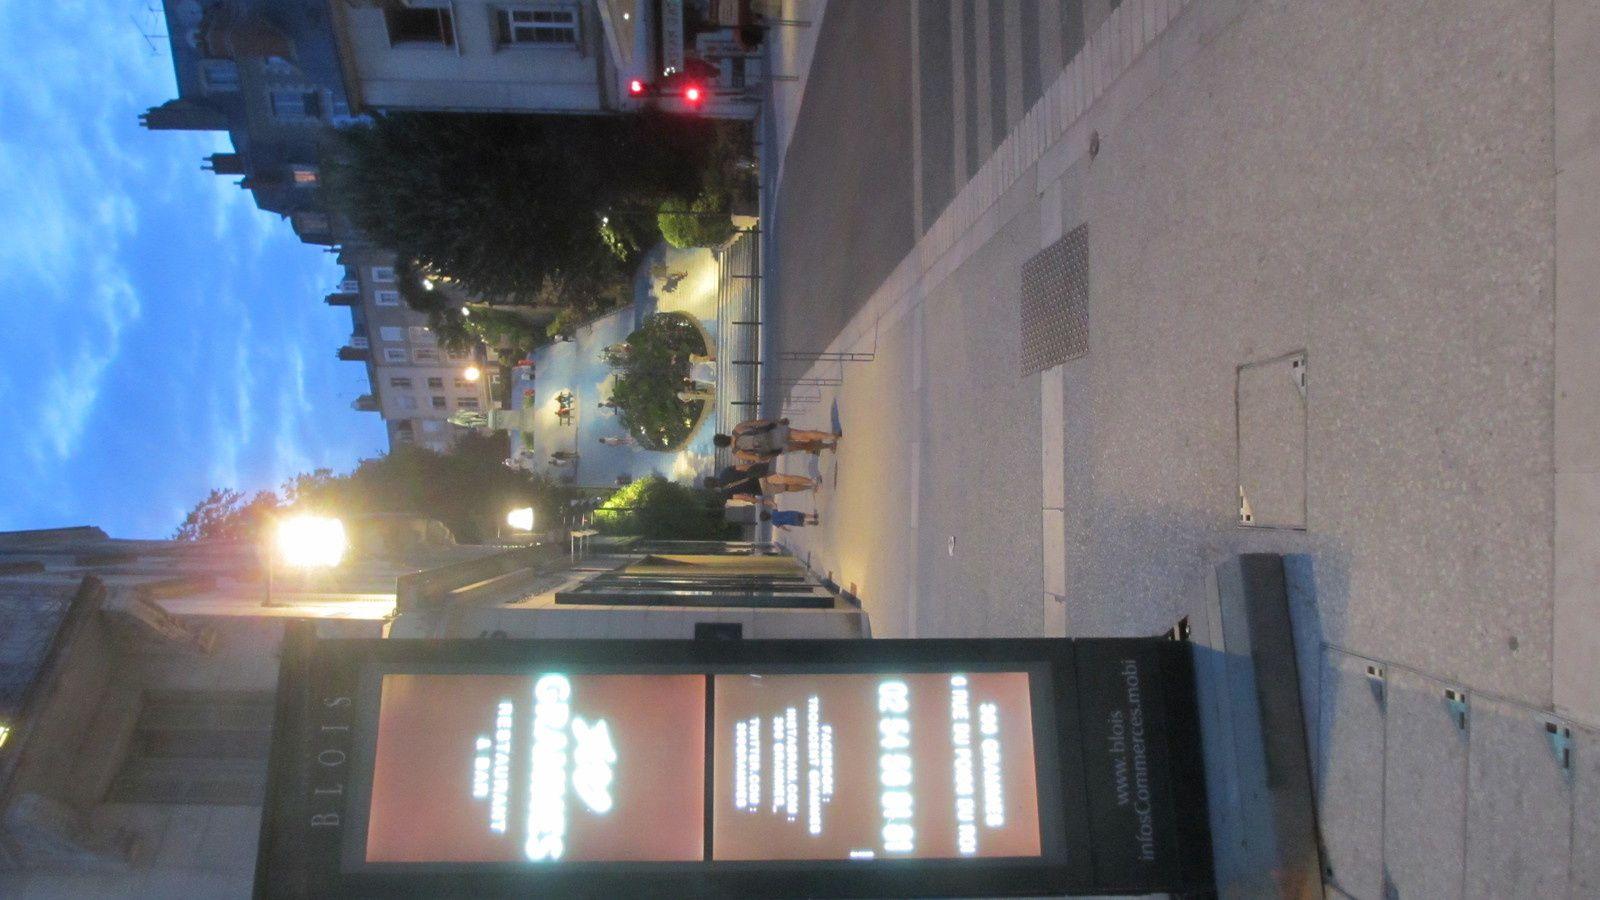 Blois - rue Denis Papin - en zone de rencontre - Le français est certes une langue difficile ! Mais à ce point ?